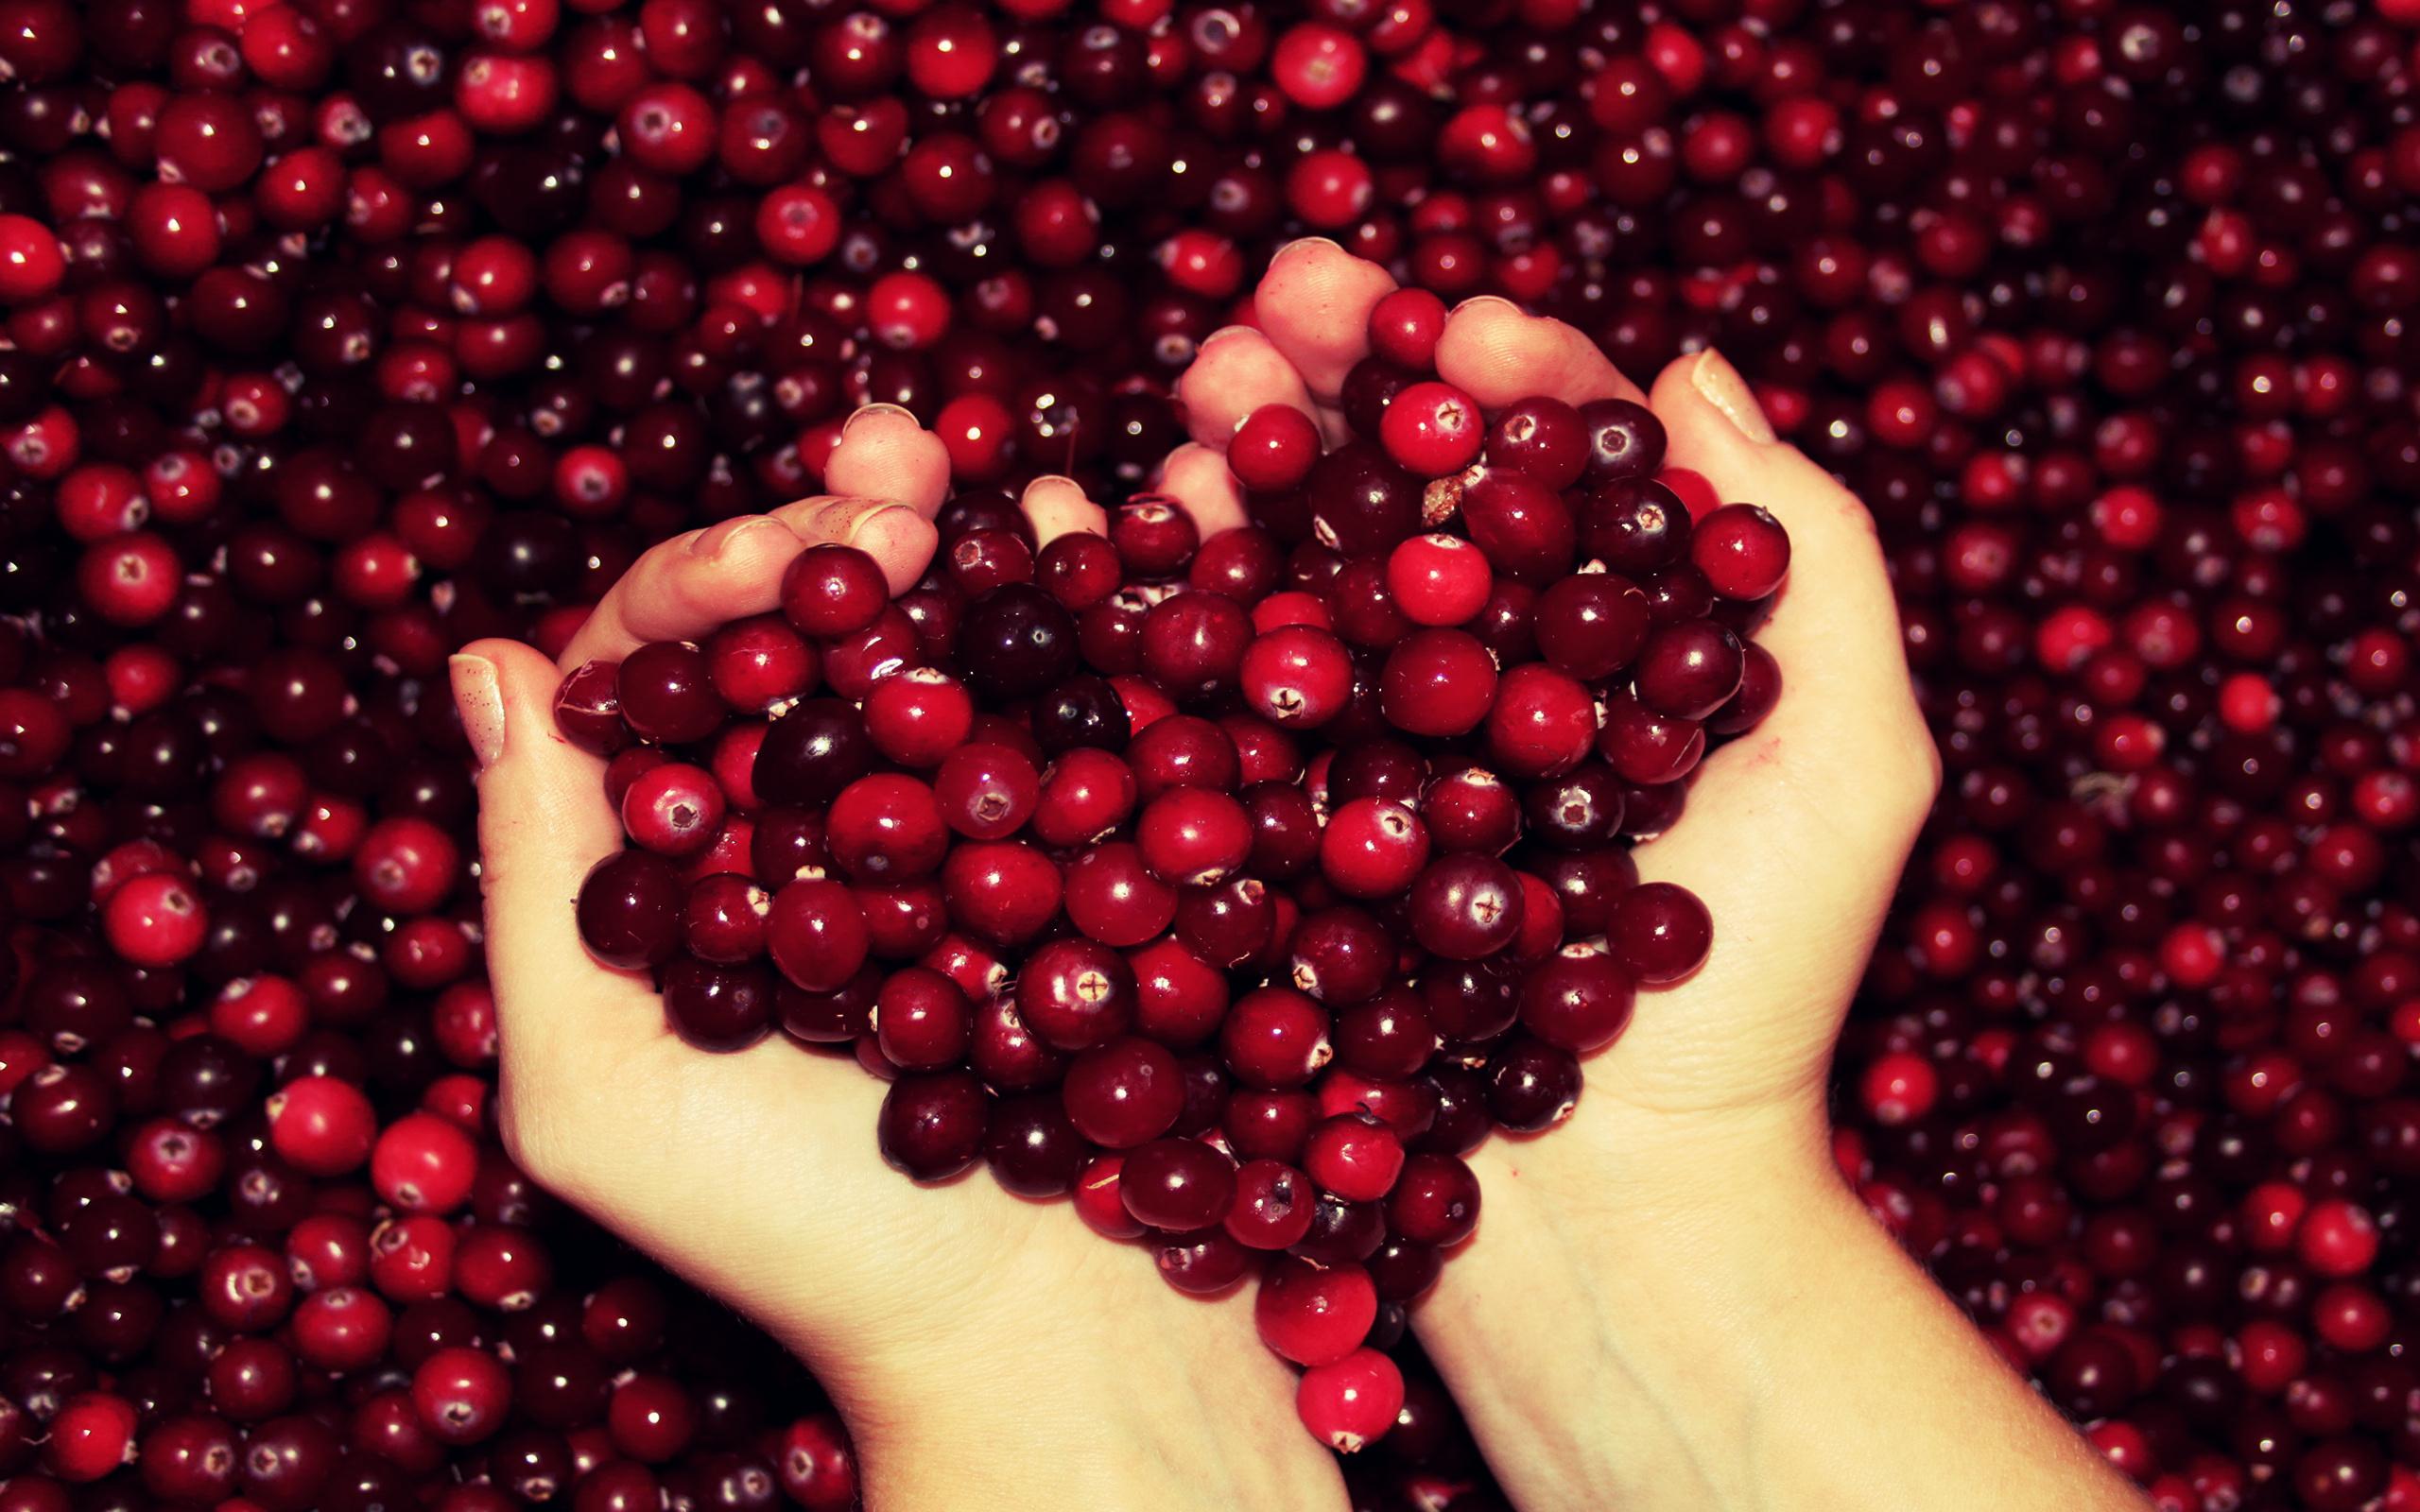 брусника ягода ведро загрузить